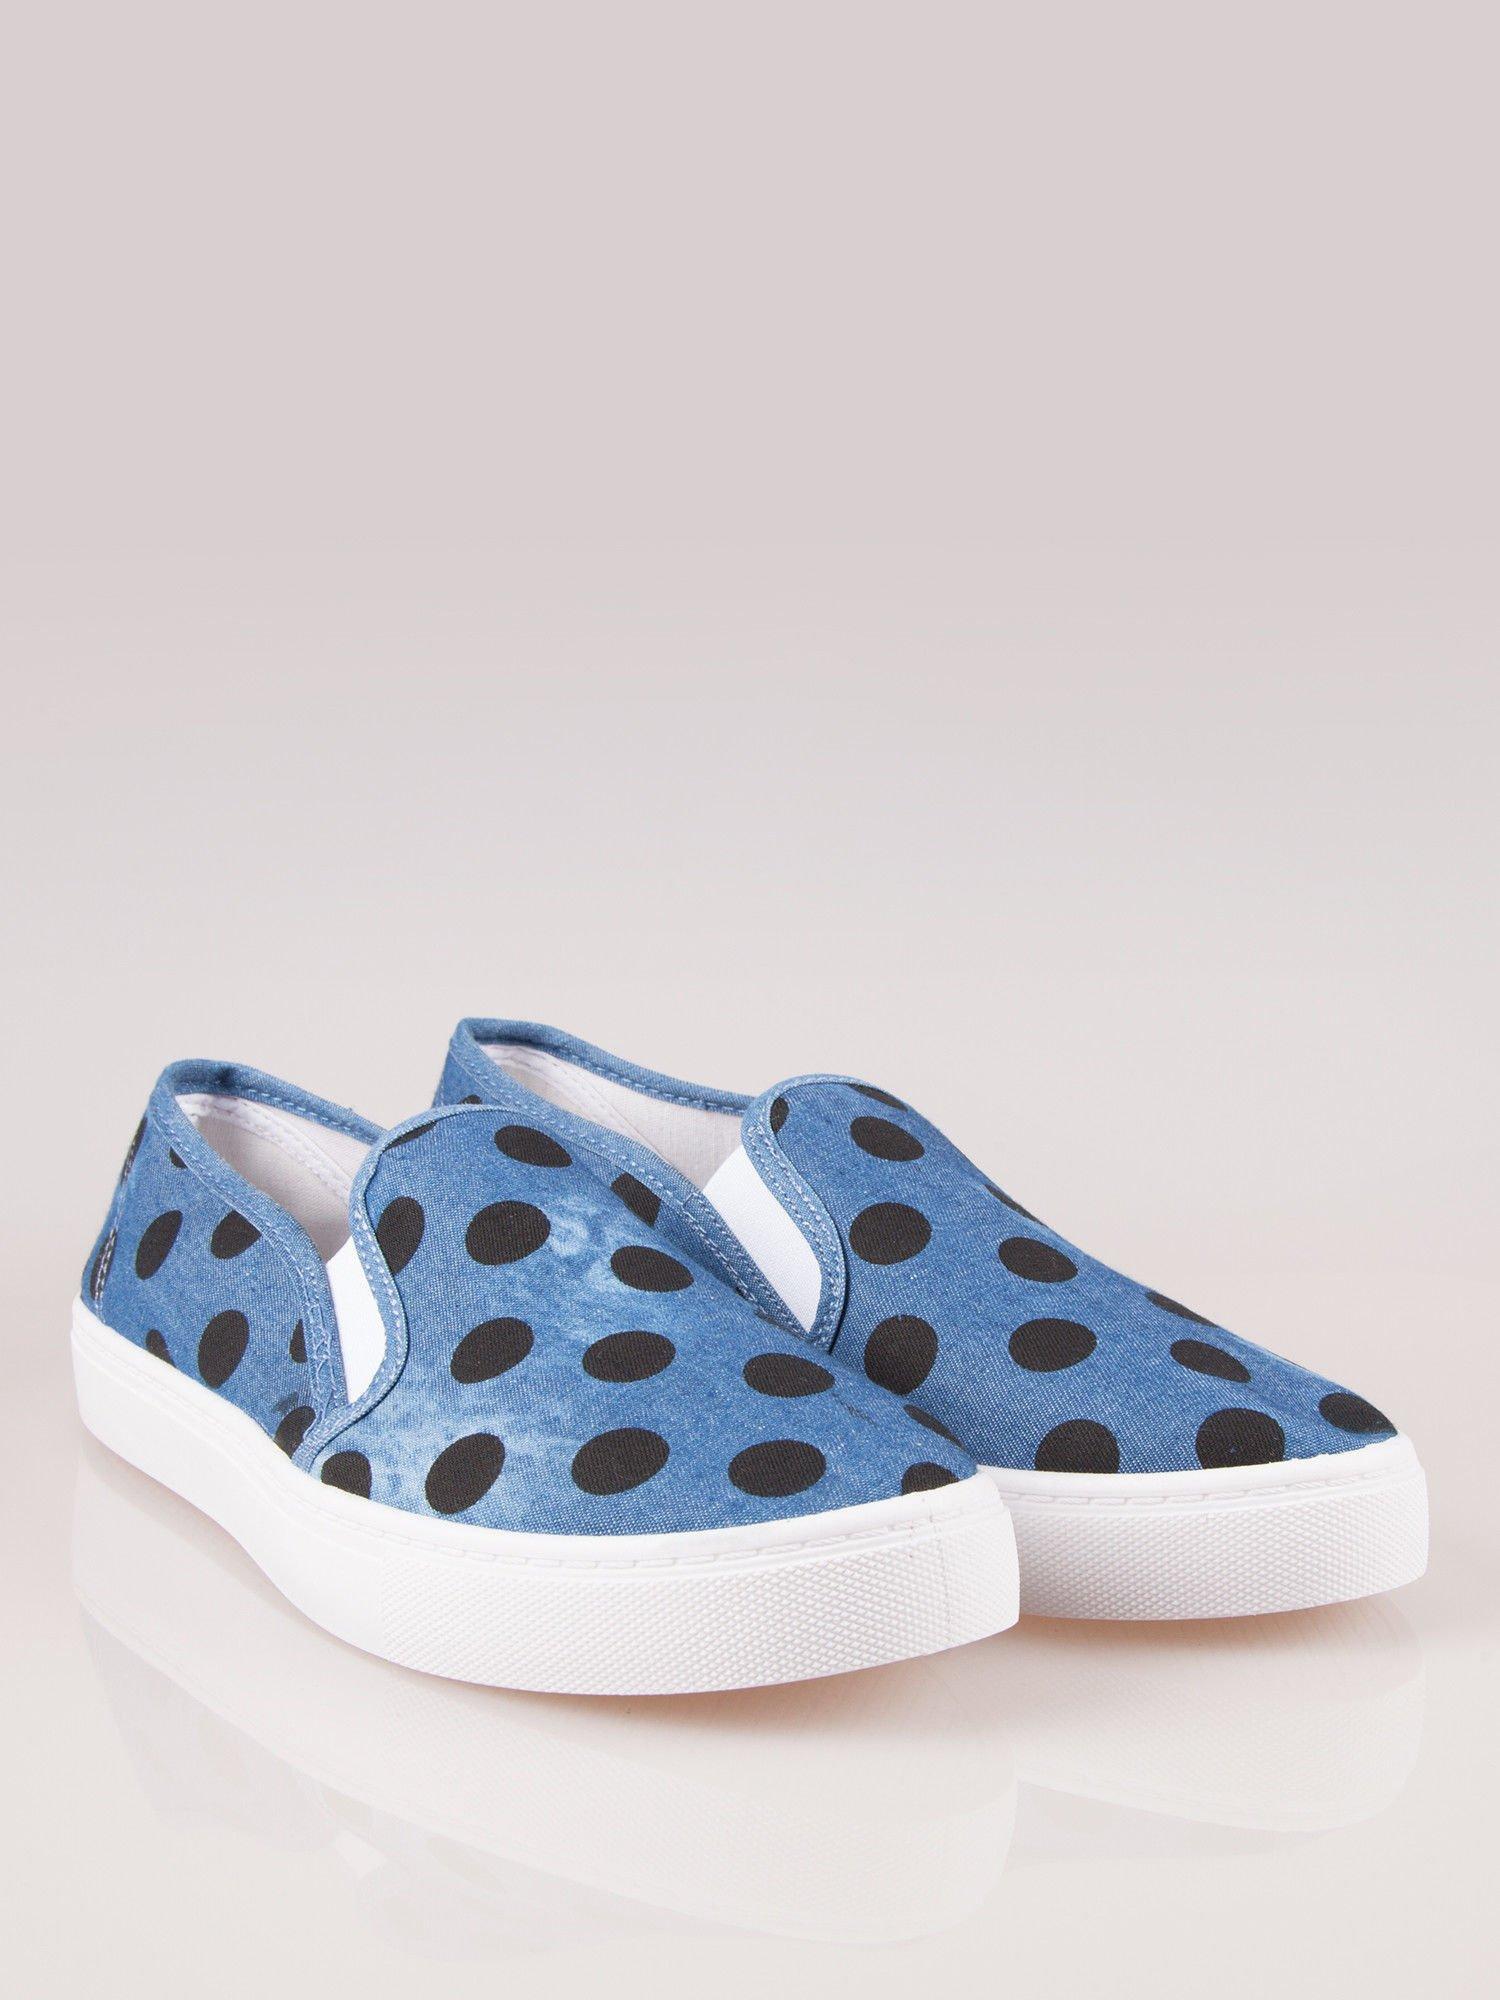 Granatowe buty slip on w groszki                                  zdj.                                  1